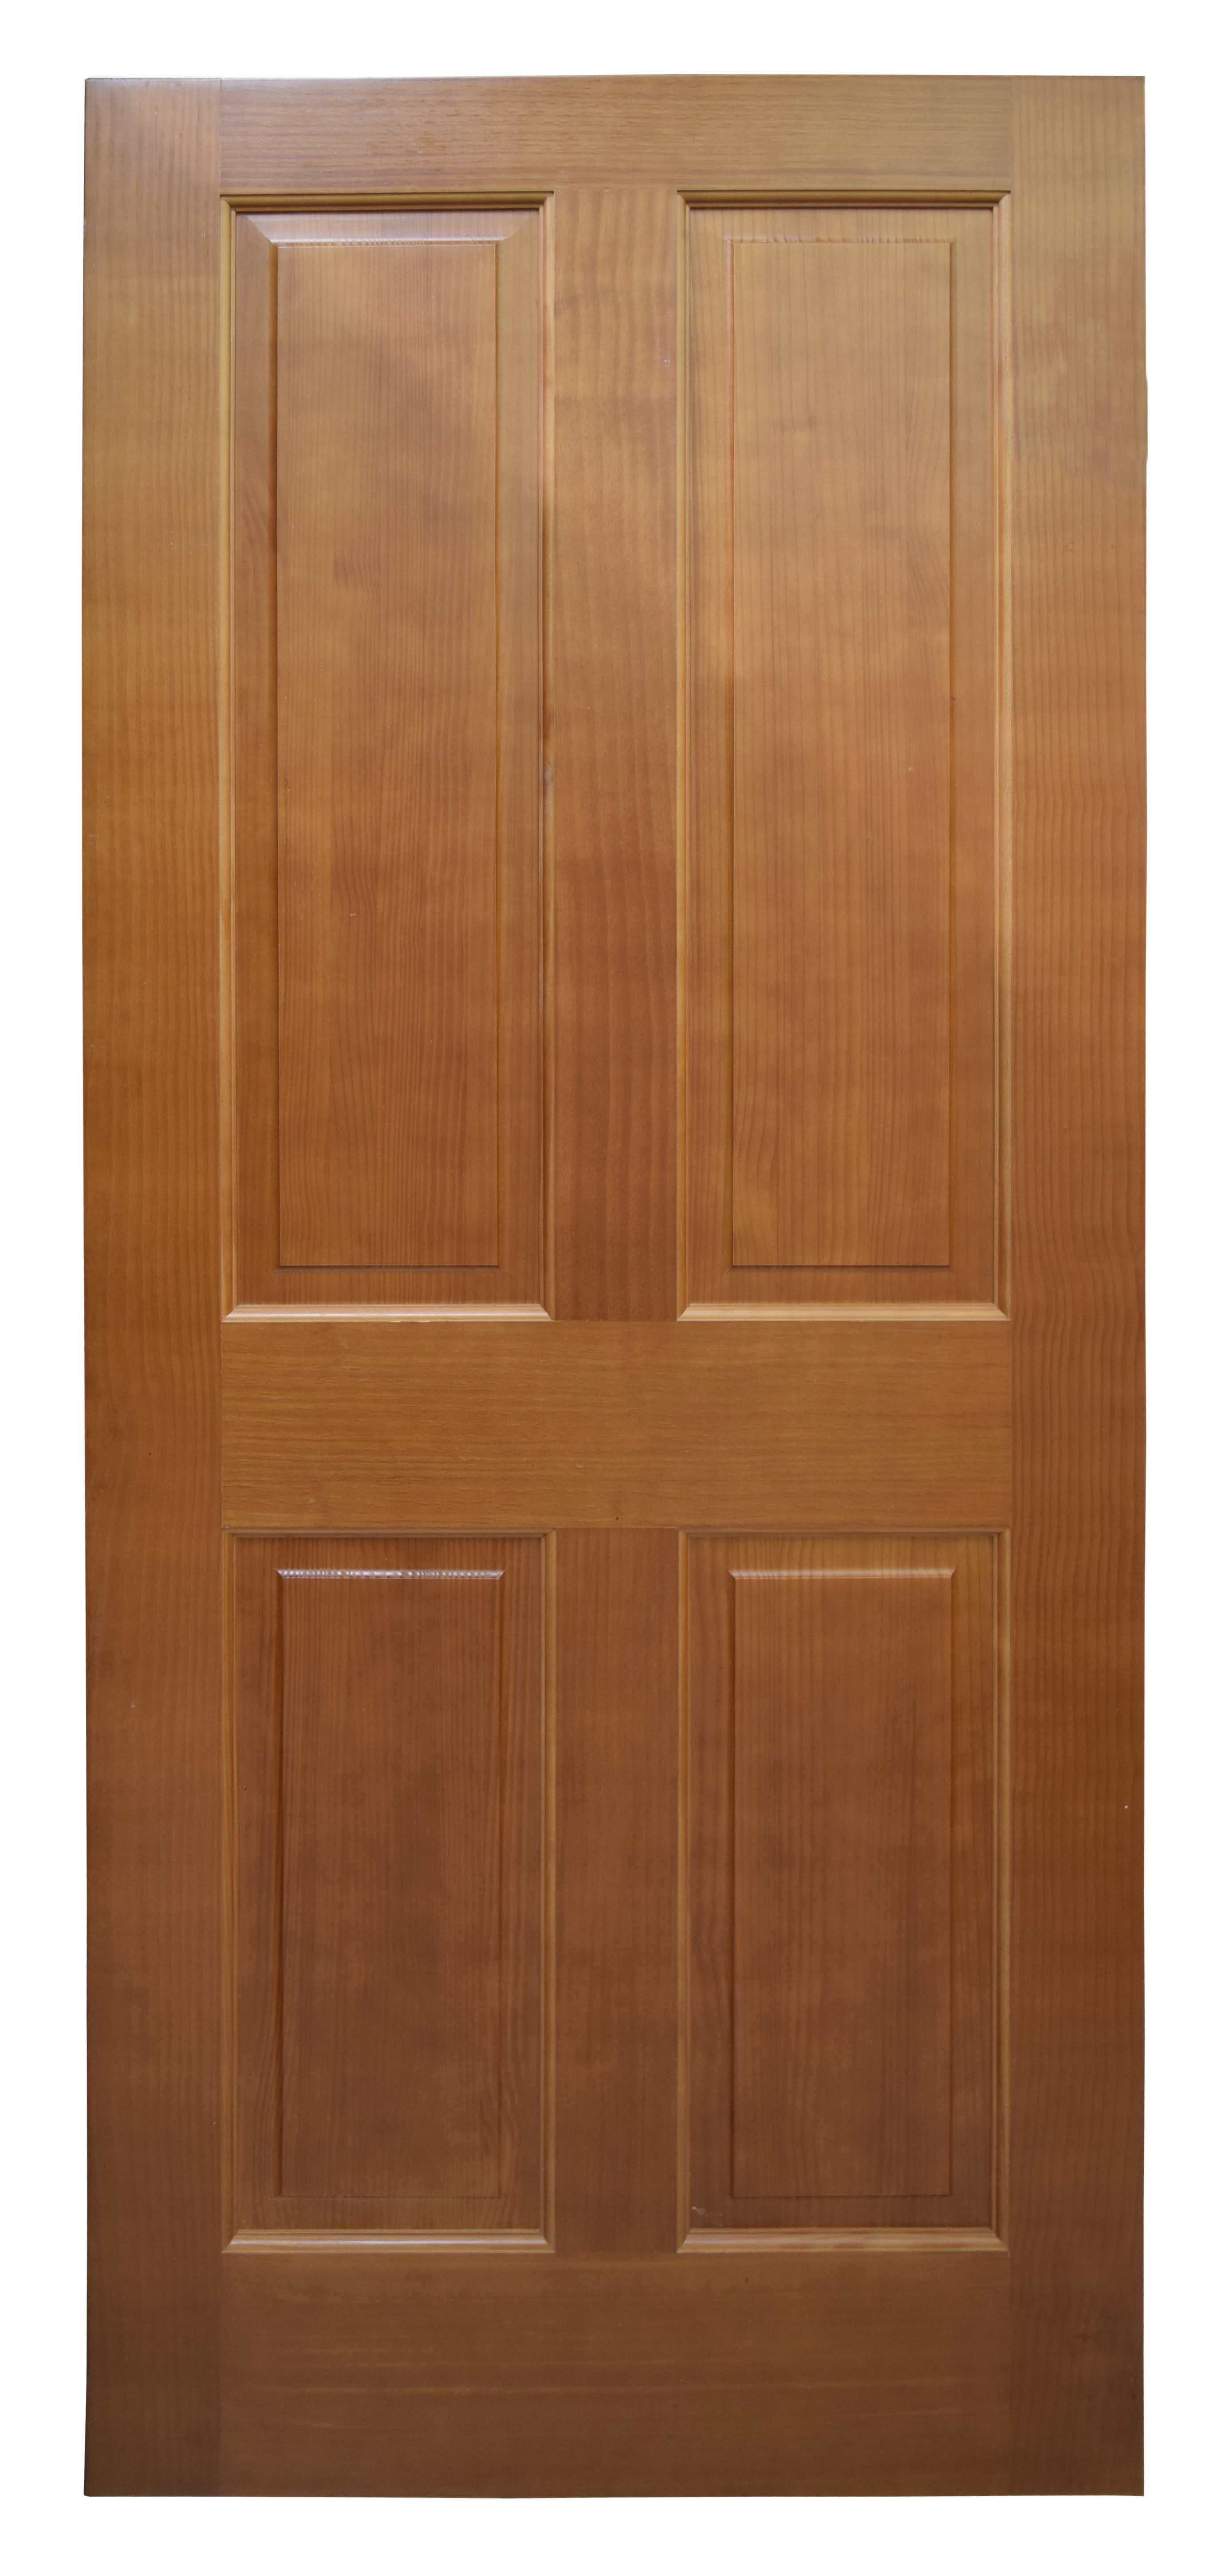 Meranti Colonial 4-Panel Wooden Door - 4MED - The Roopnarine ...